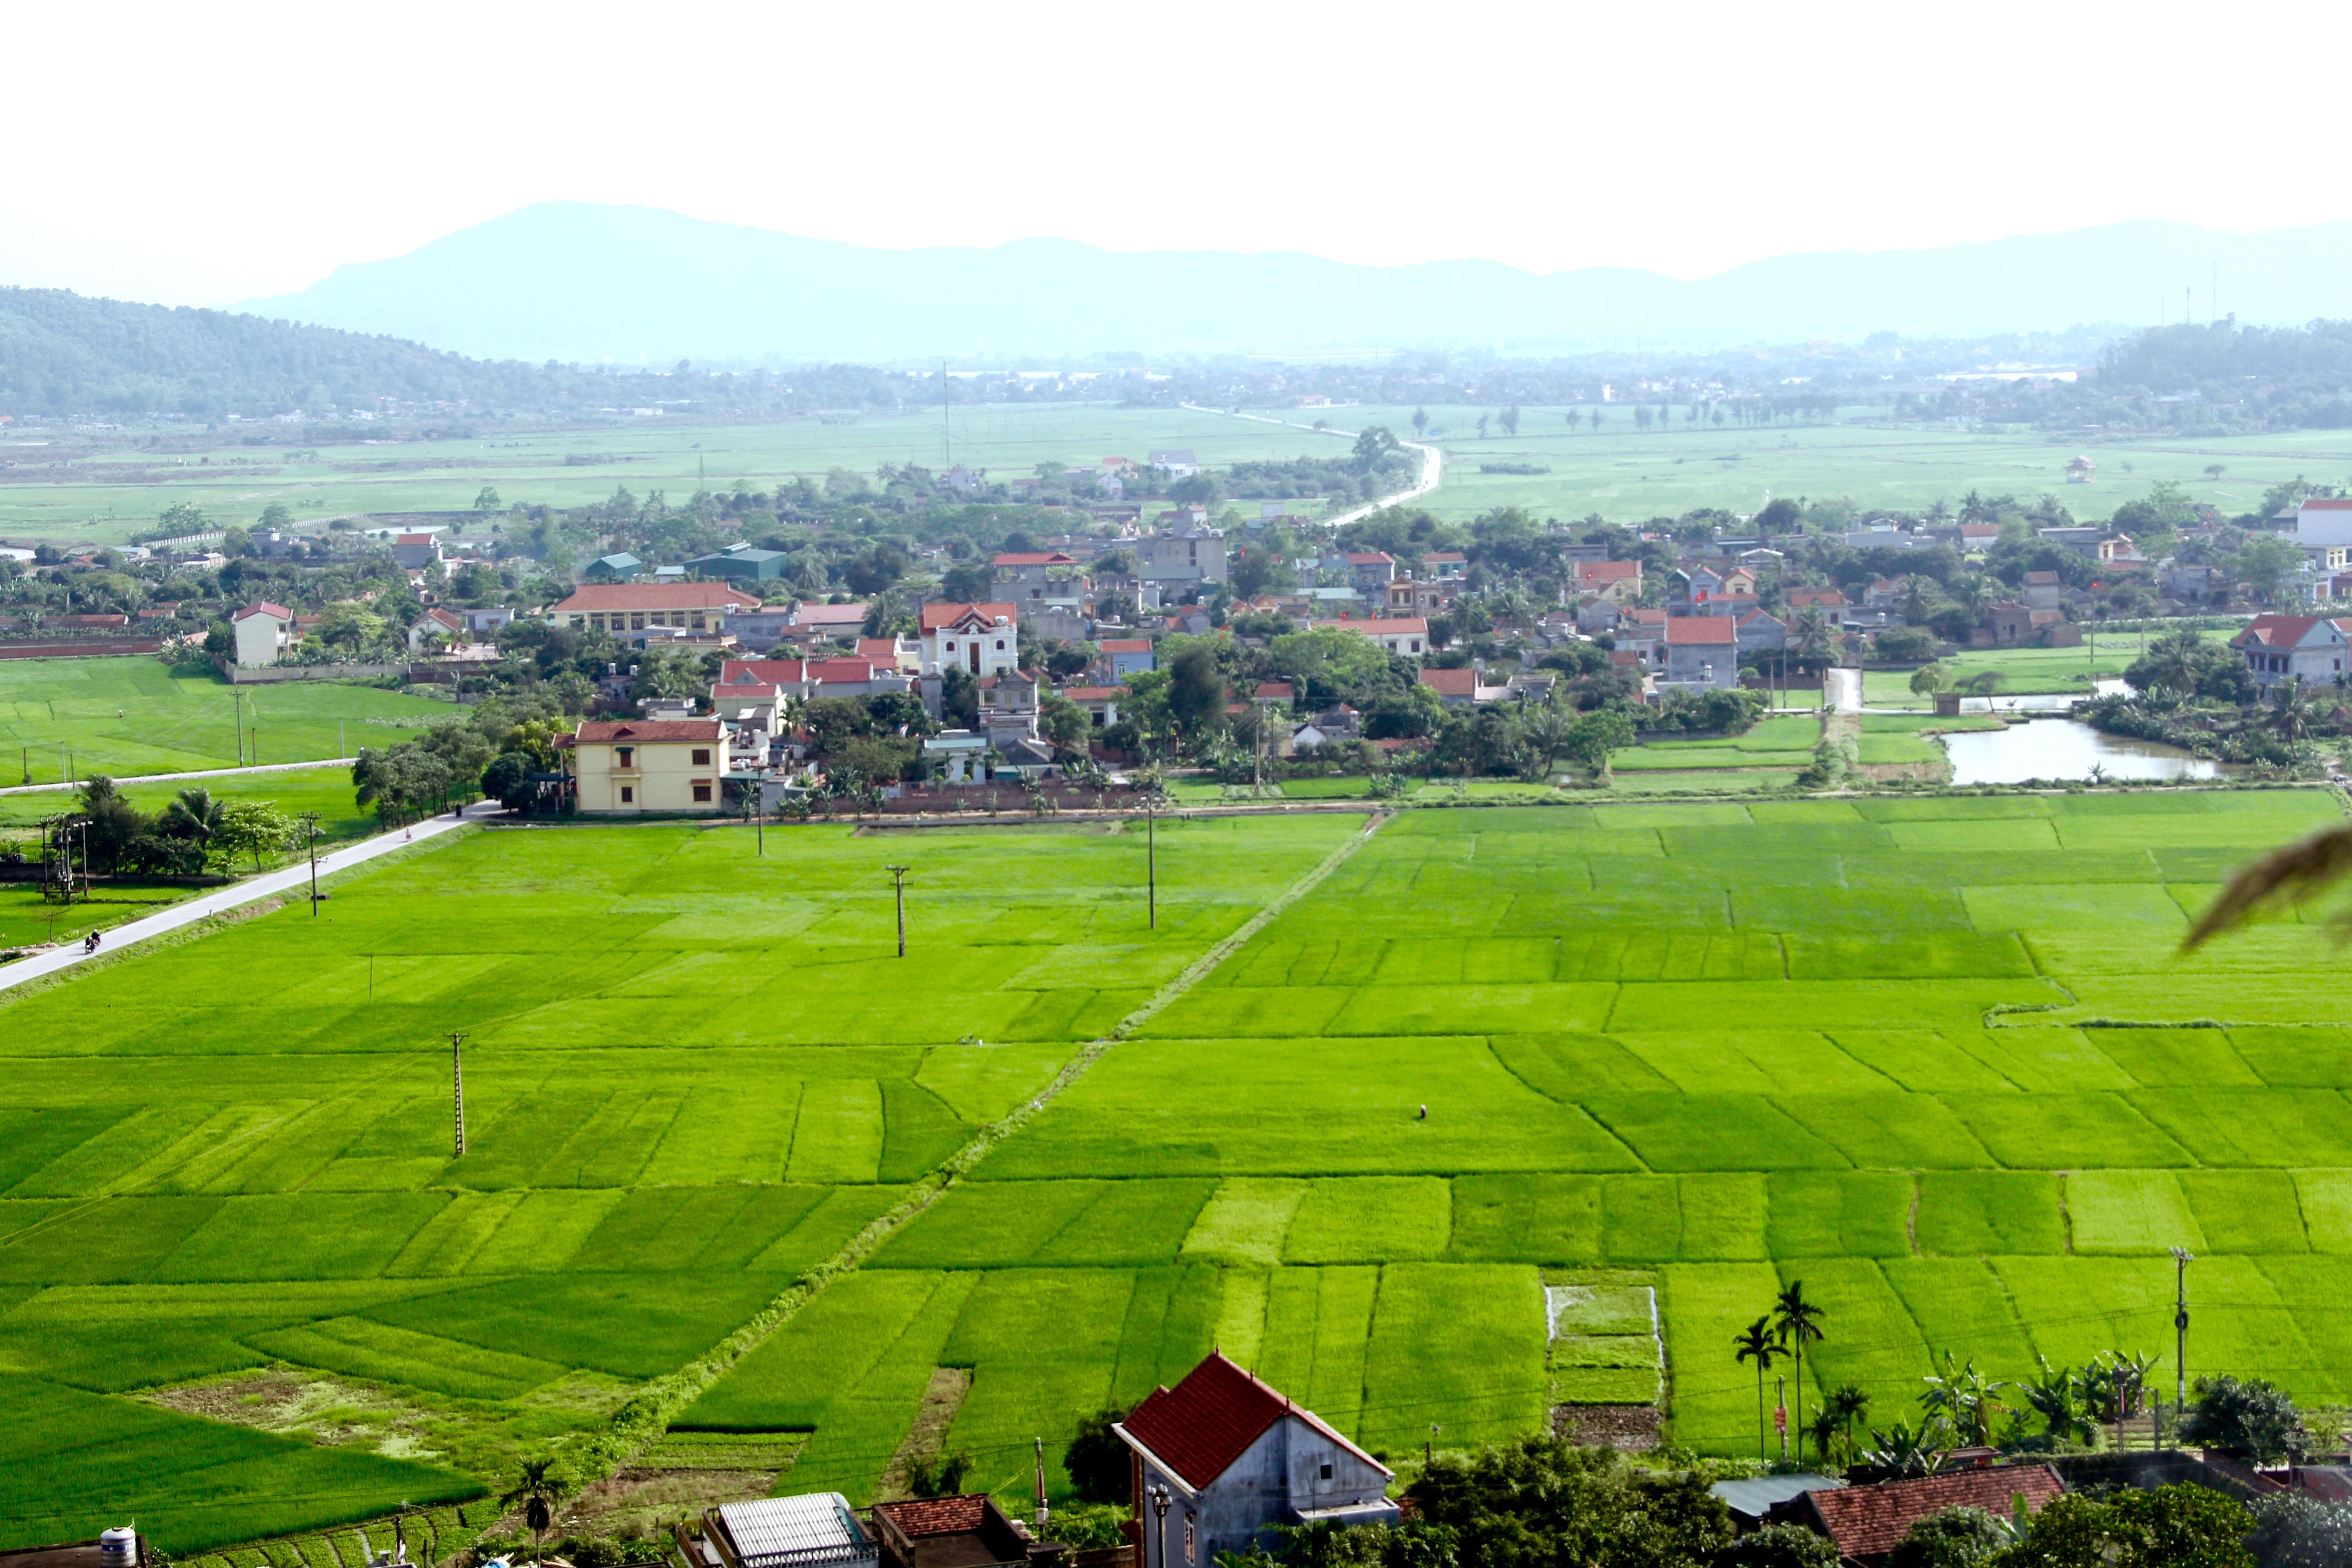 Quy hoạch và xây dựng Nông thôn mới để trở thành những vùng quê đáng sống